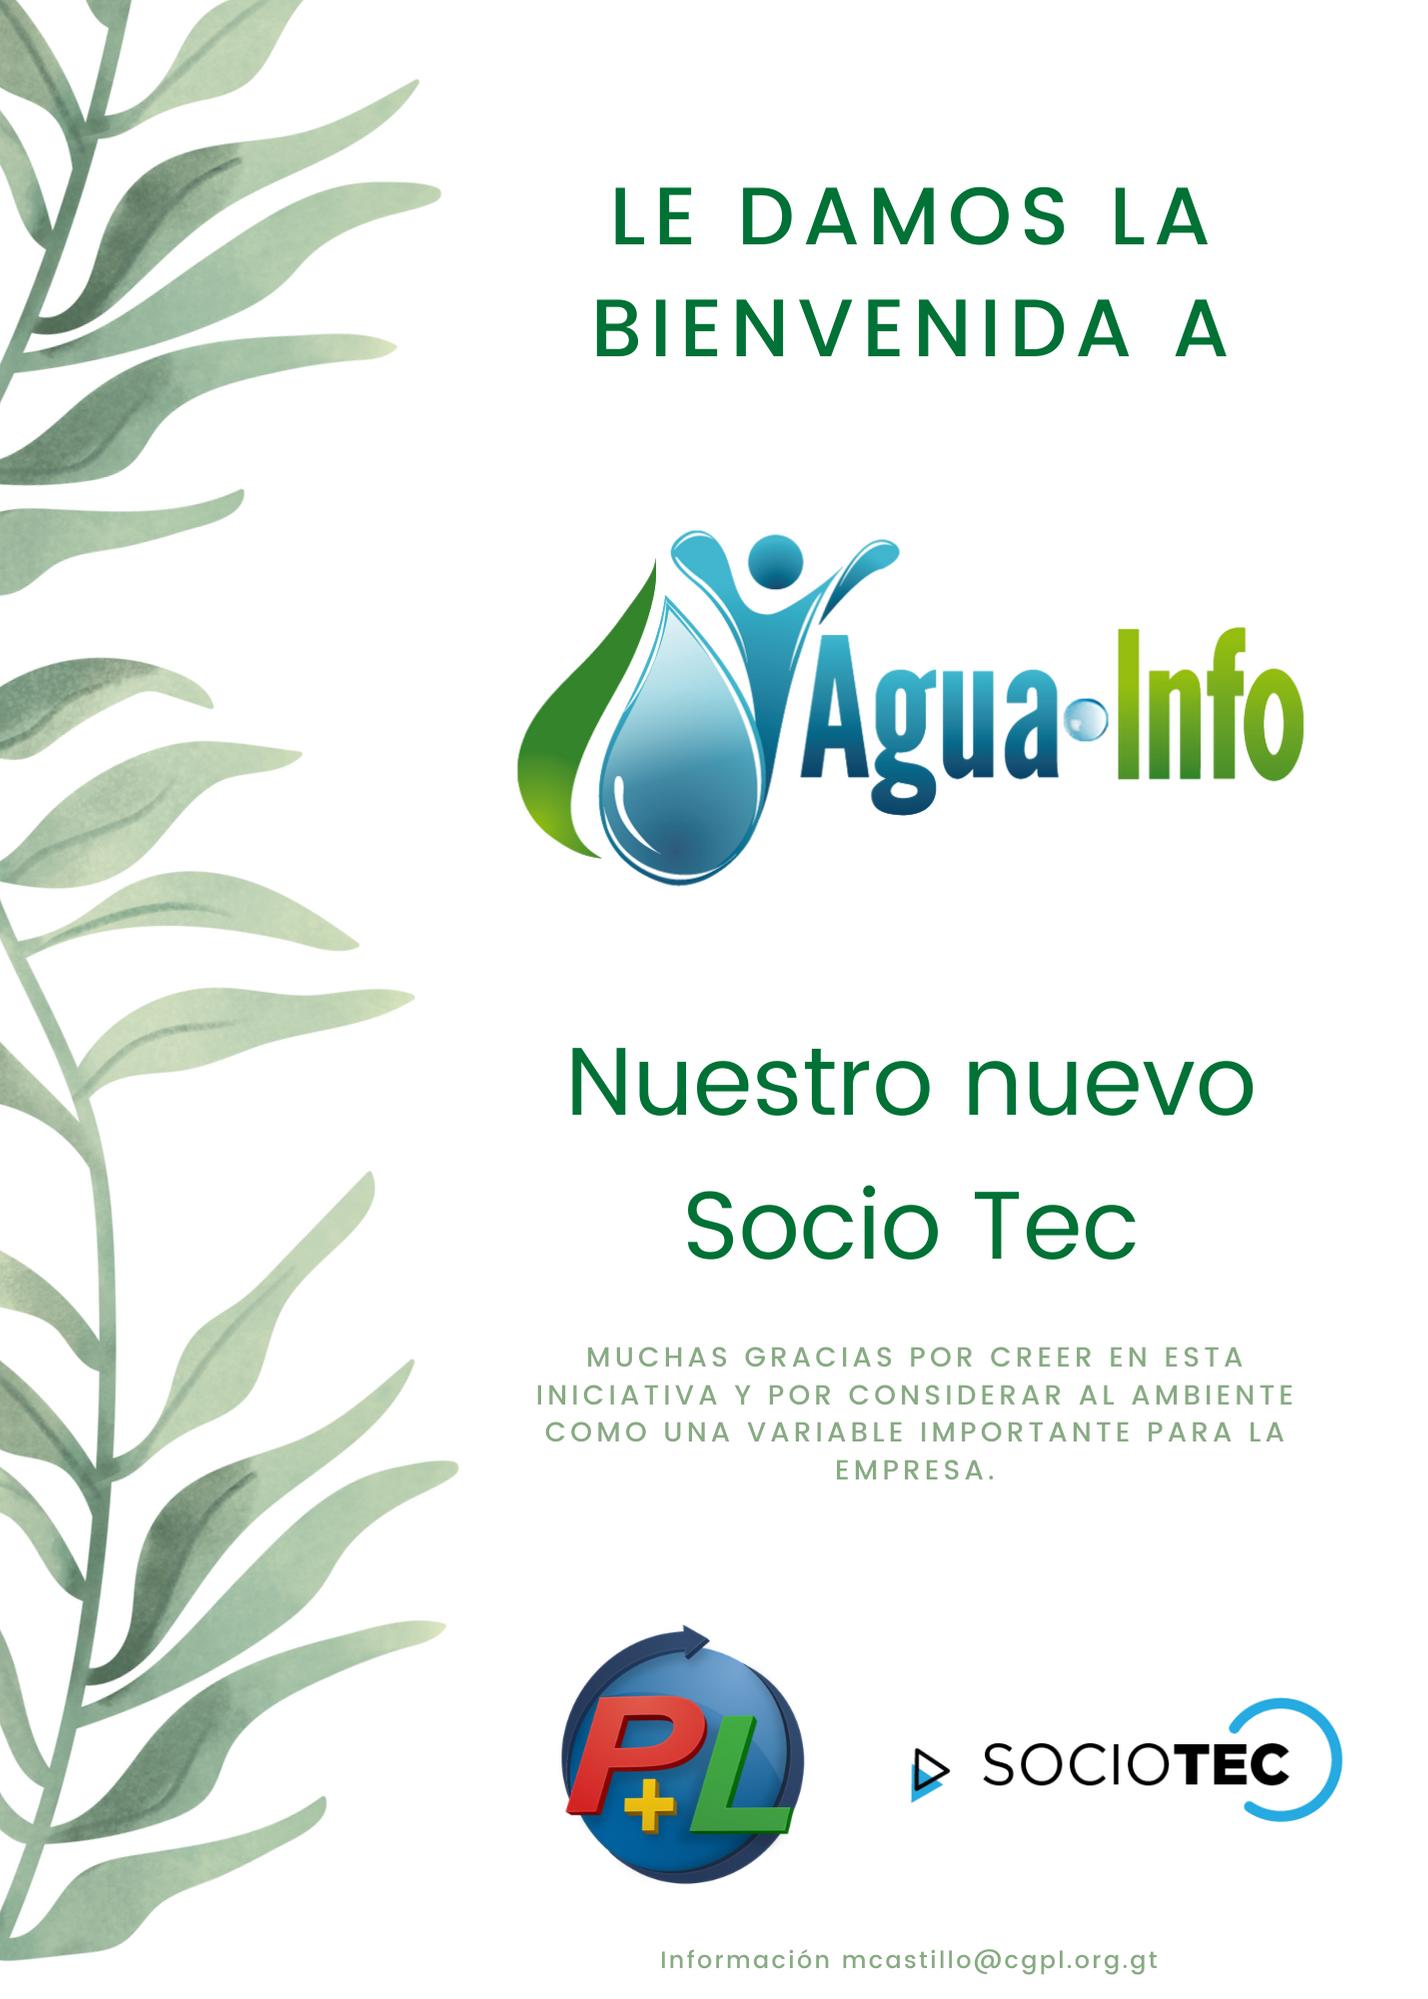 Le Damos La Bienvenida A Nuestro Nuevo Socio Tec, AguaInfo